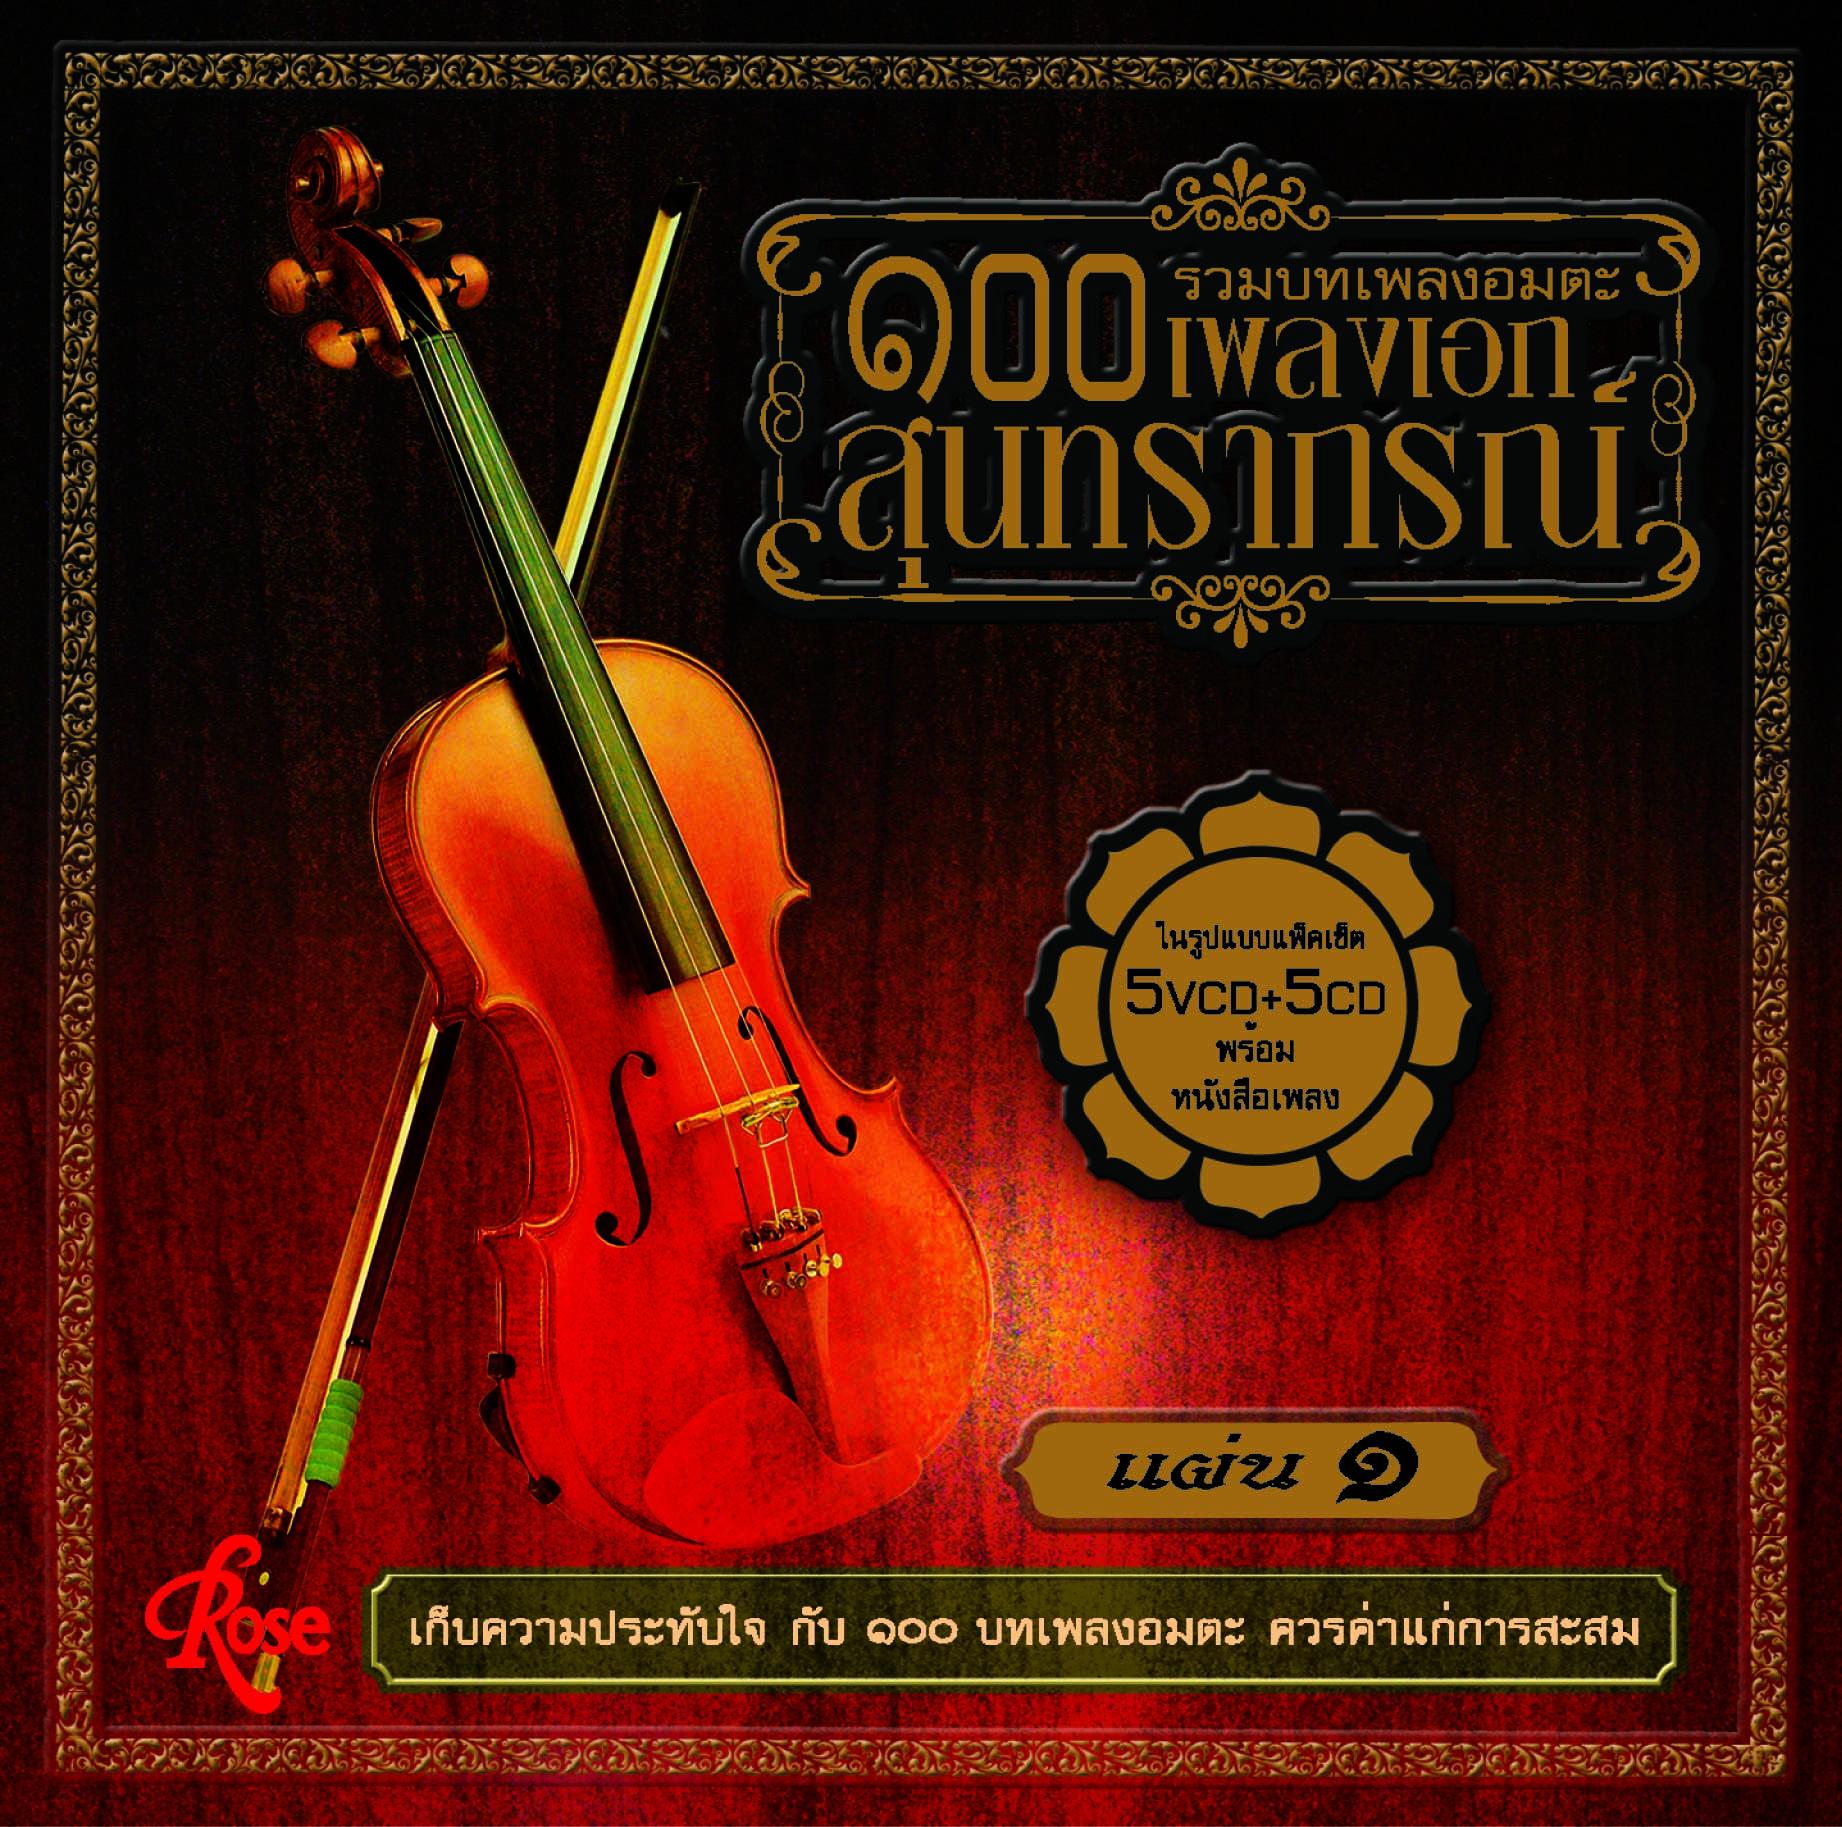 100 เพลงเอกสุนทราภรณ์ วีซีดี และซีดี